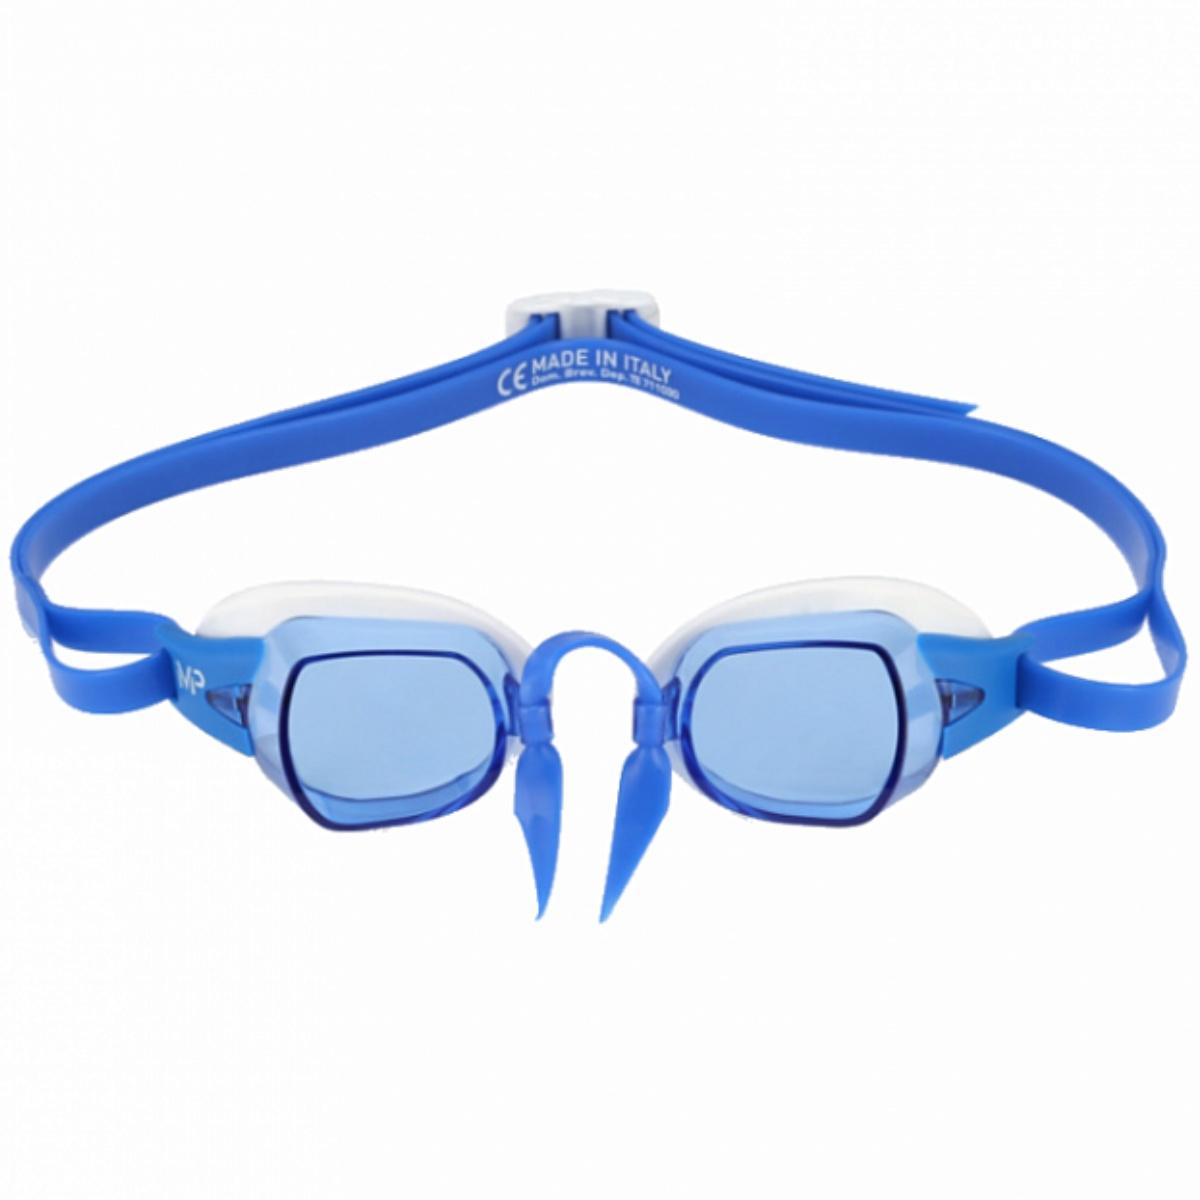 Plavecké okuliare Michael Phelps Chronos modrý zorník